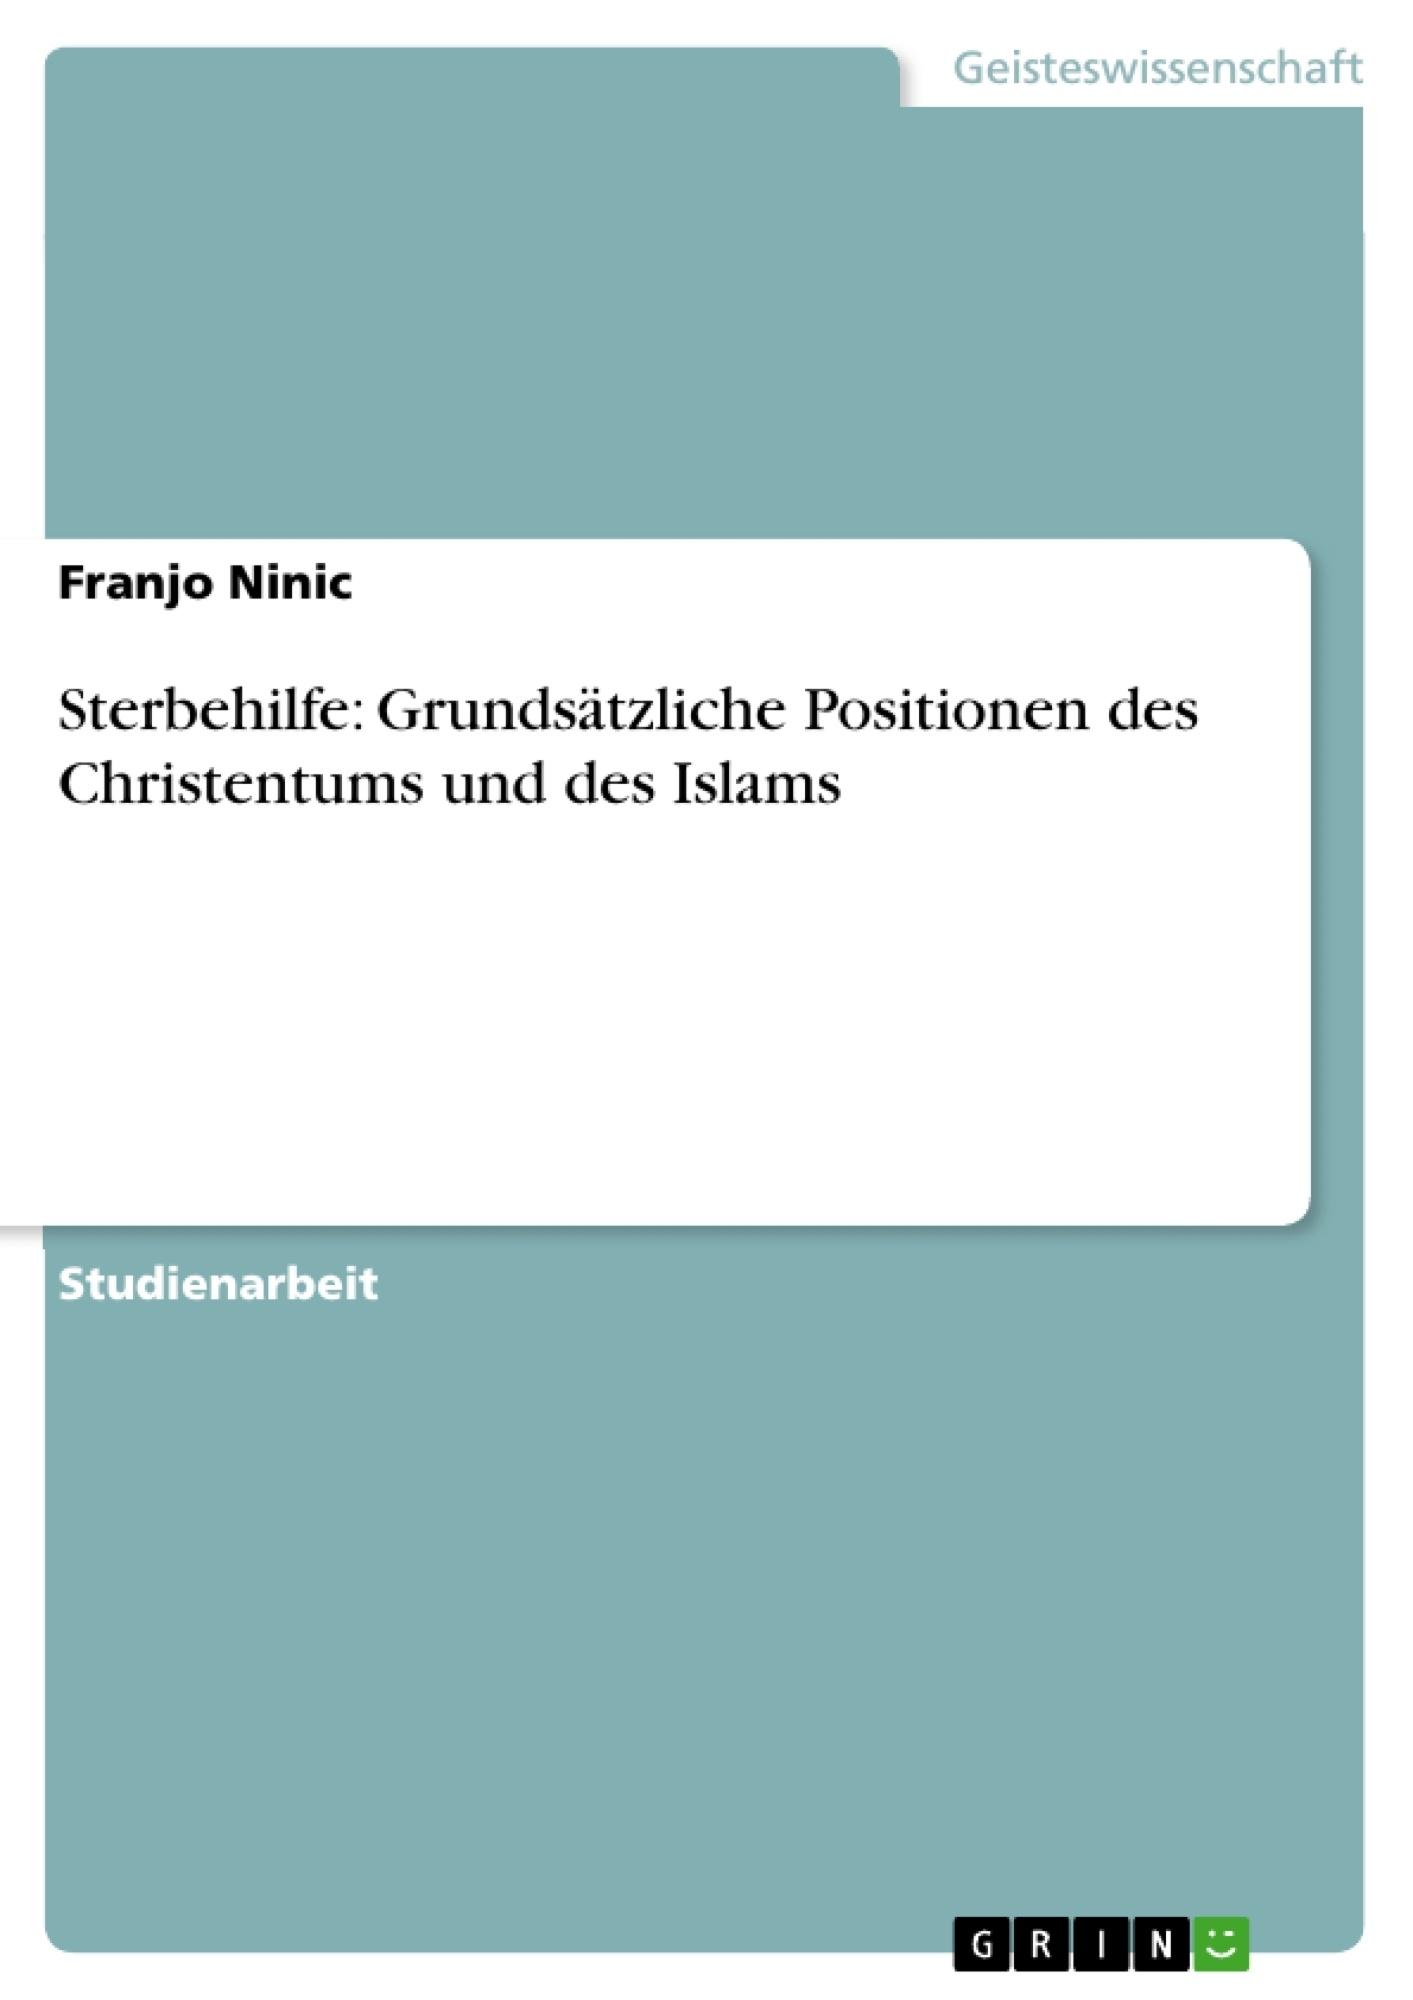 Titel: Sterbehilfe: Grundsätzliche Positionen des Christentums und des Islams